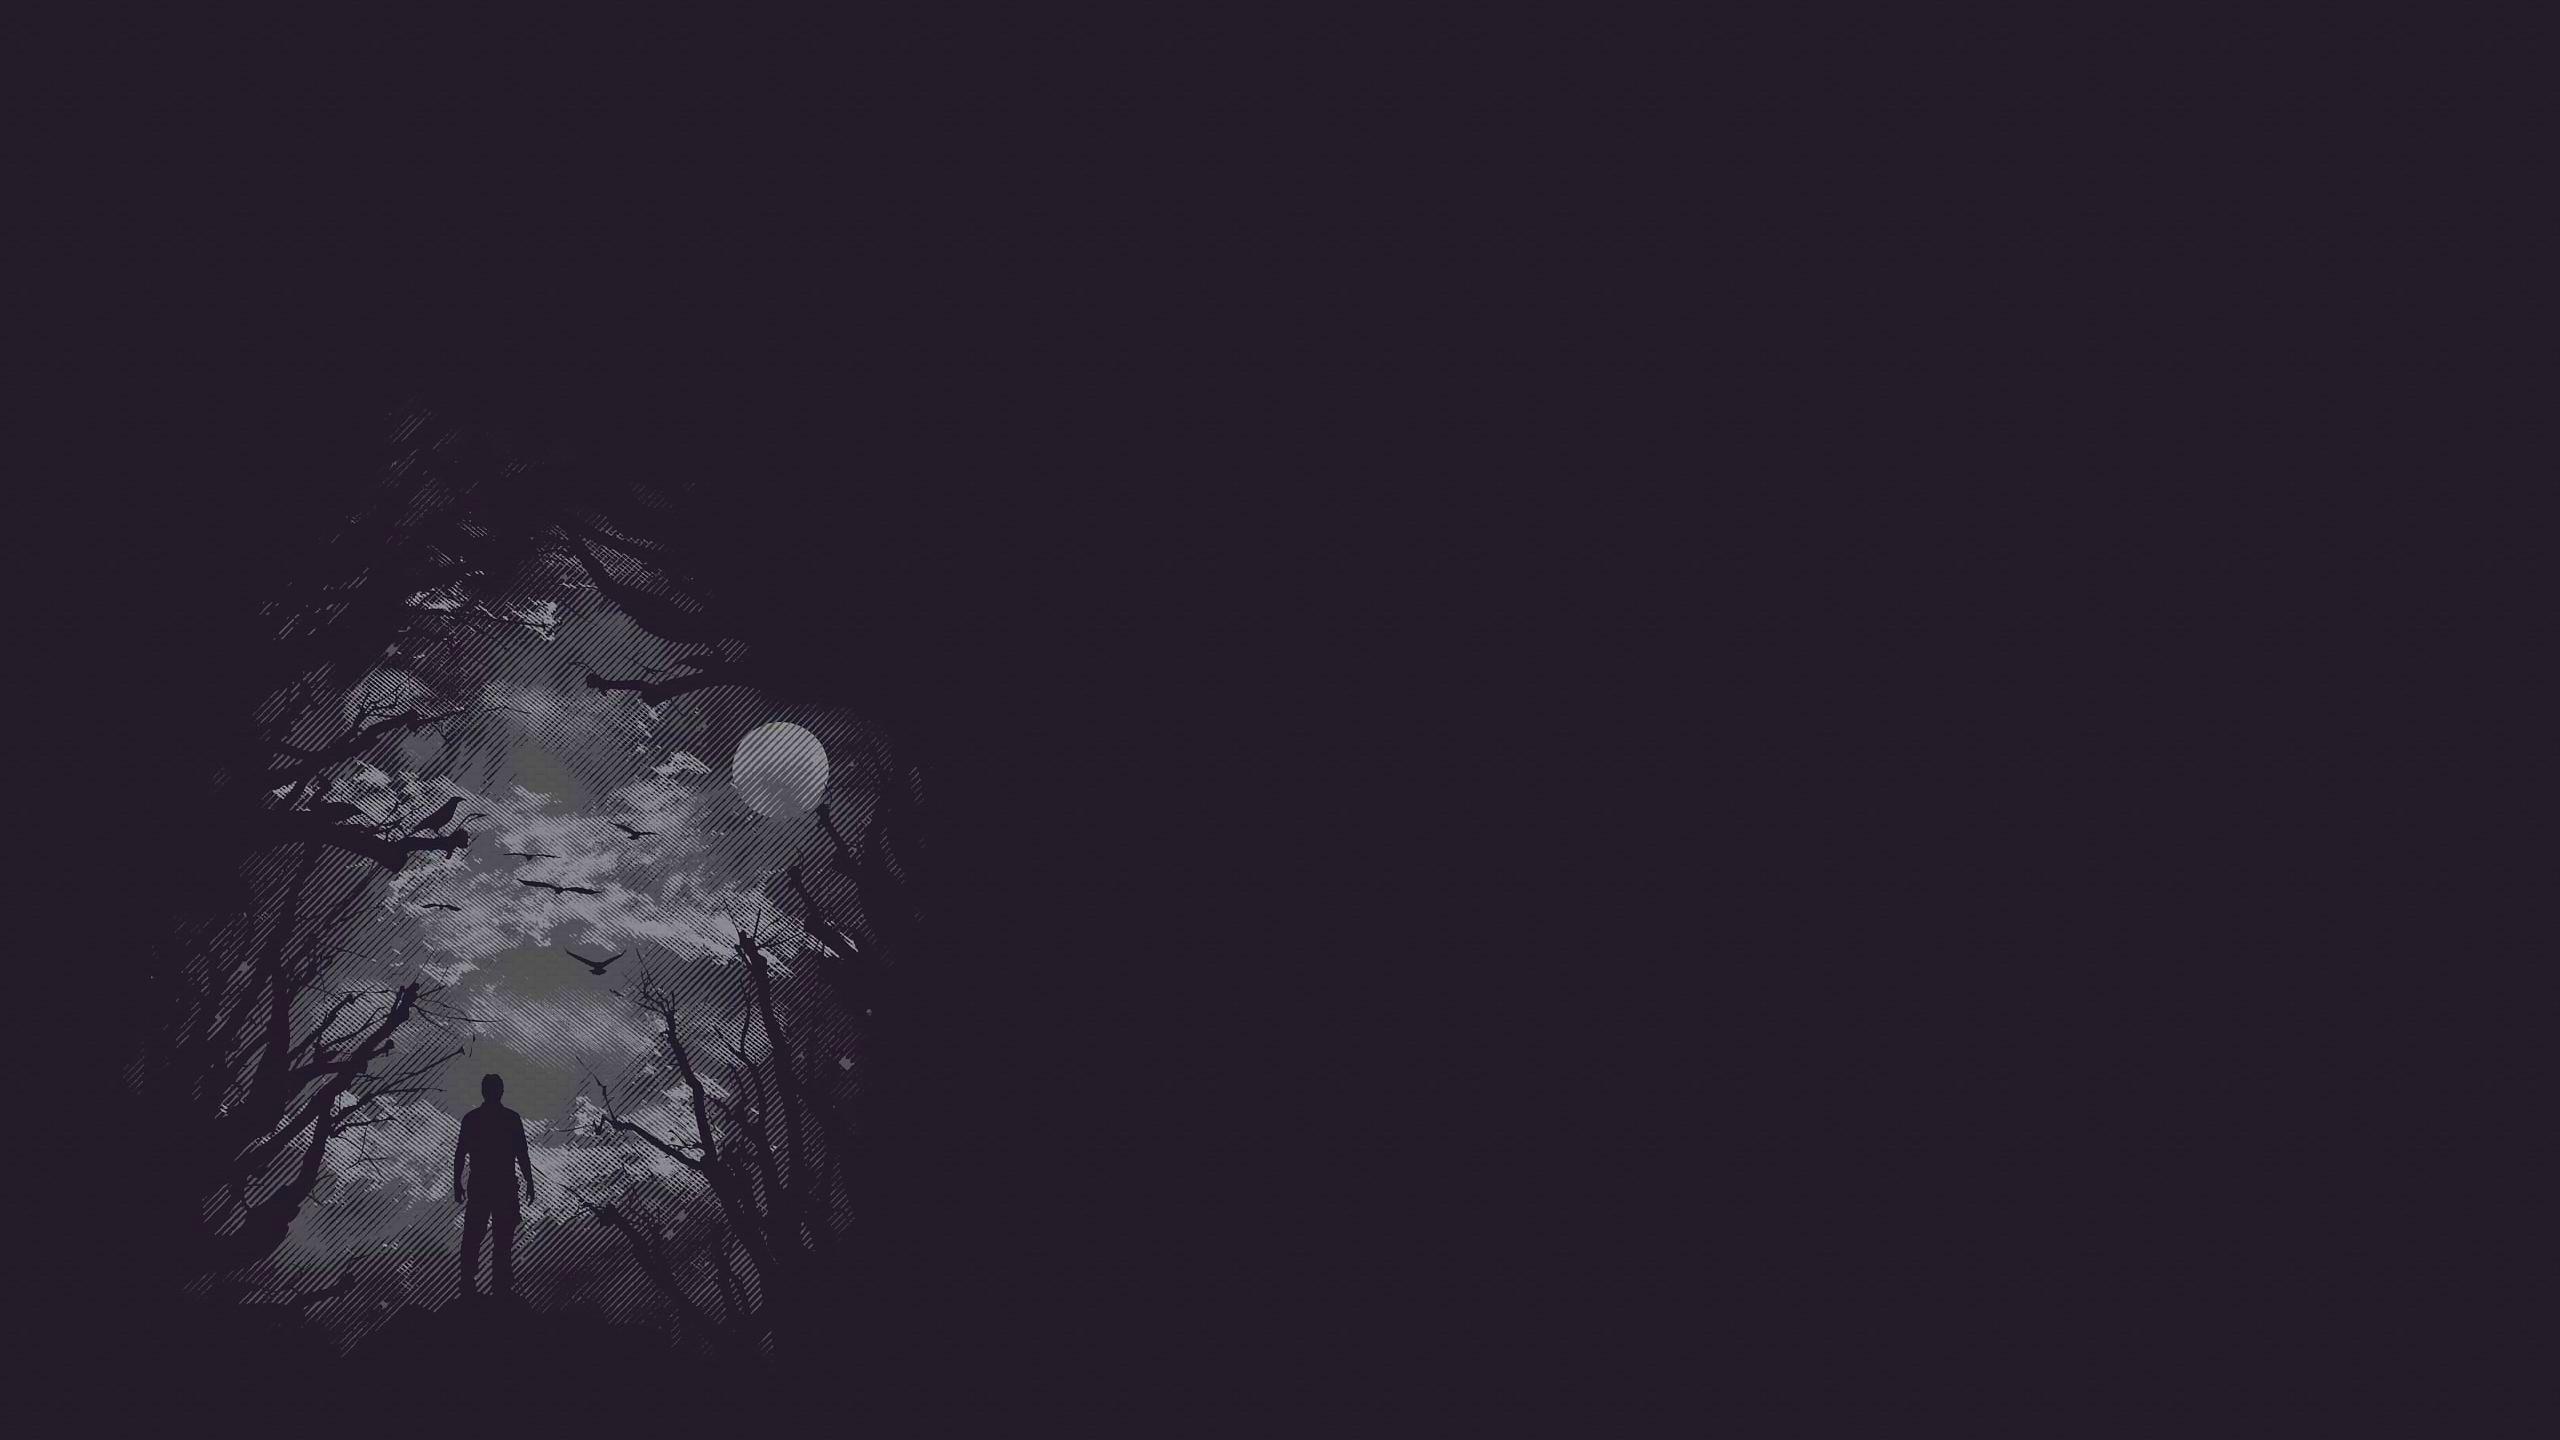 Cute Black Aesthetic Desktop Wallpapers - Wallpaper Cave